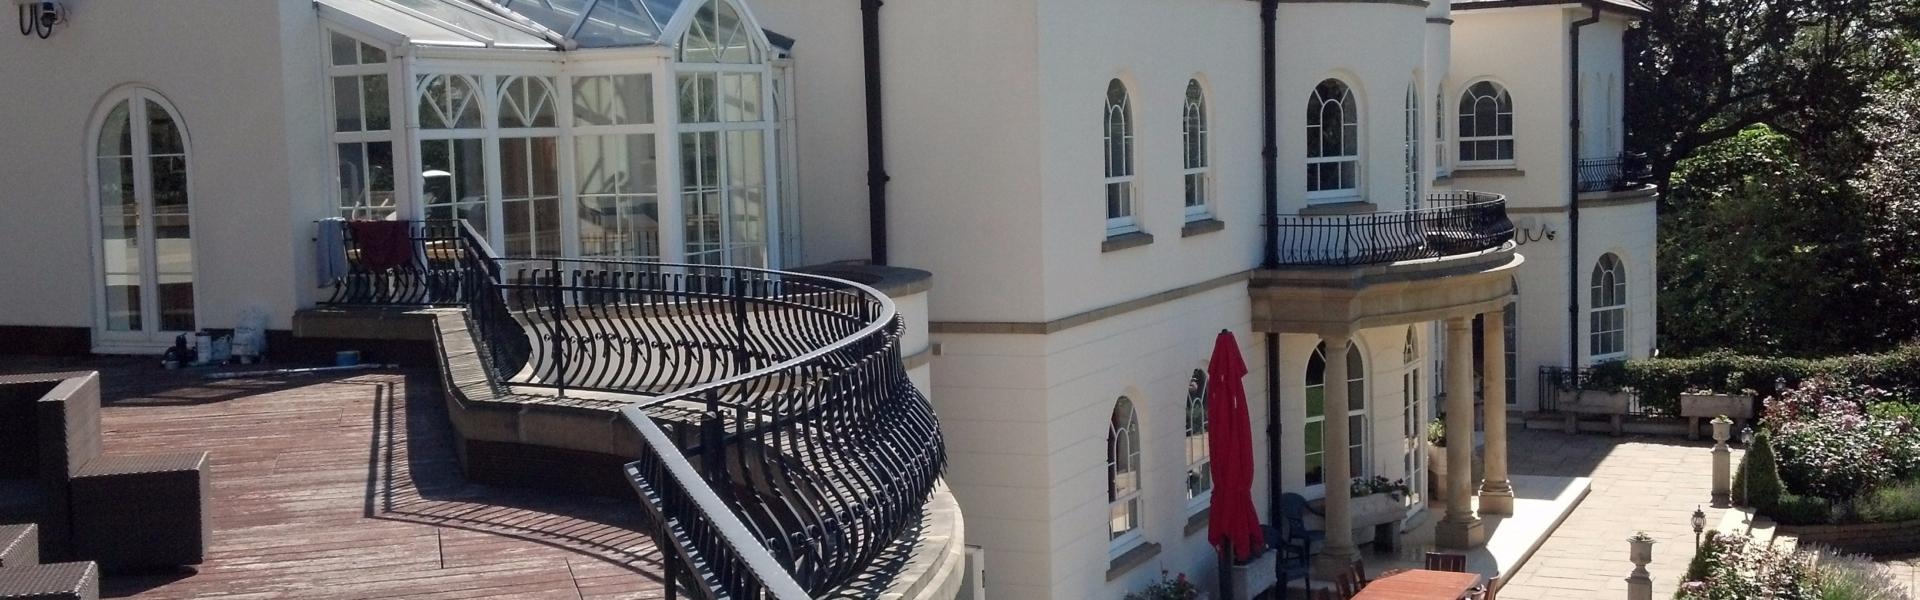 house in Sevenoaks